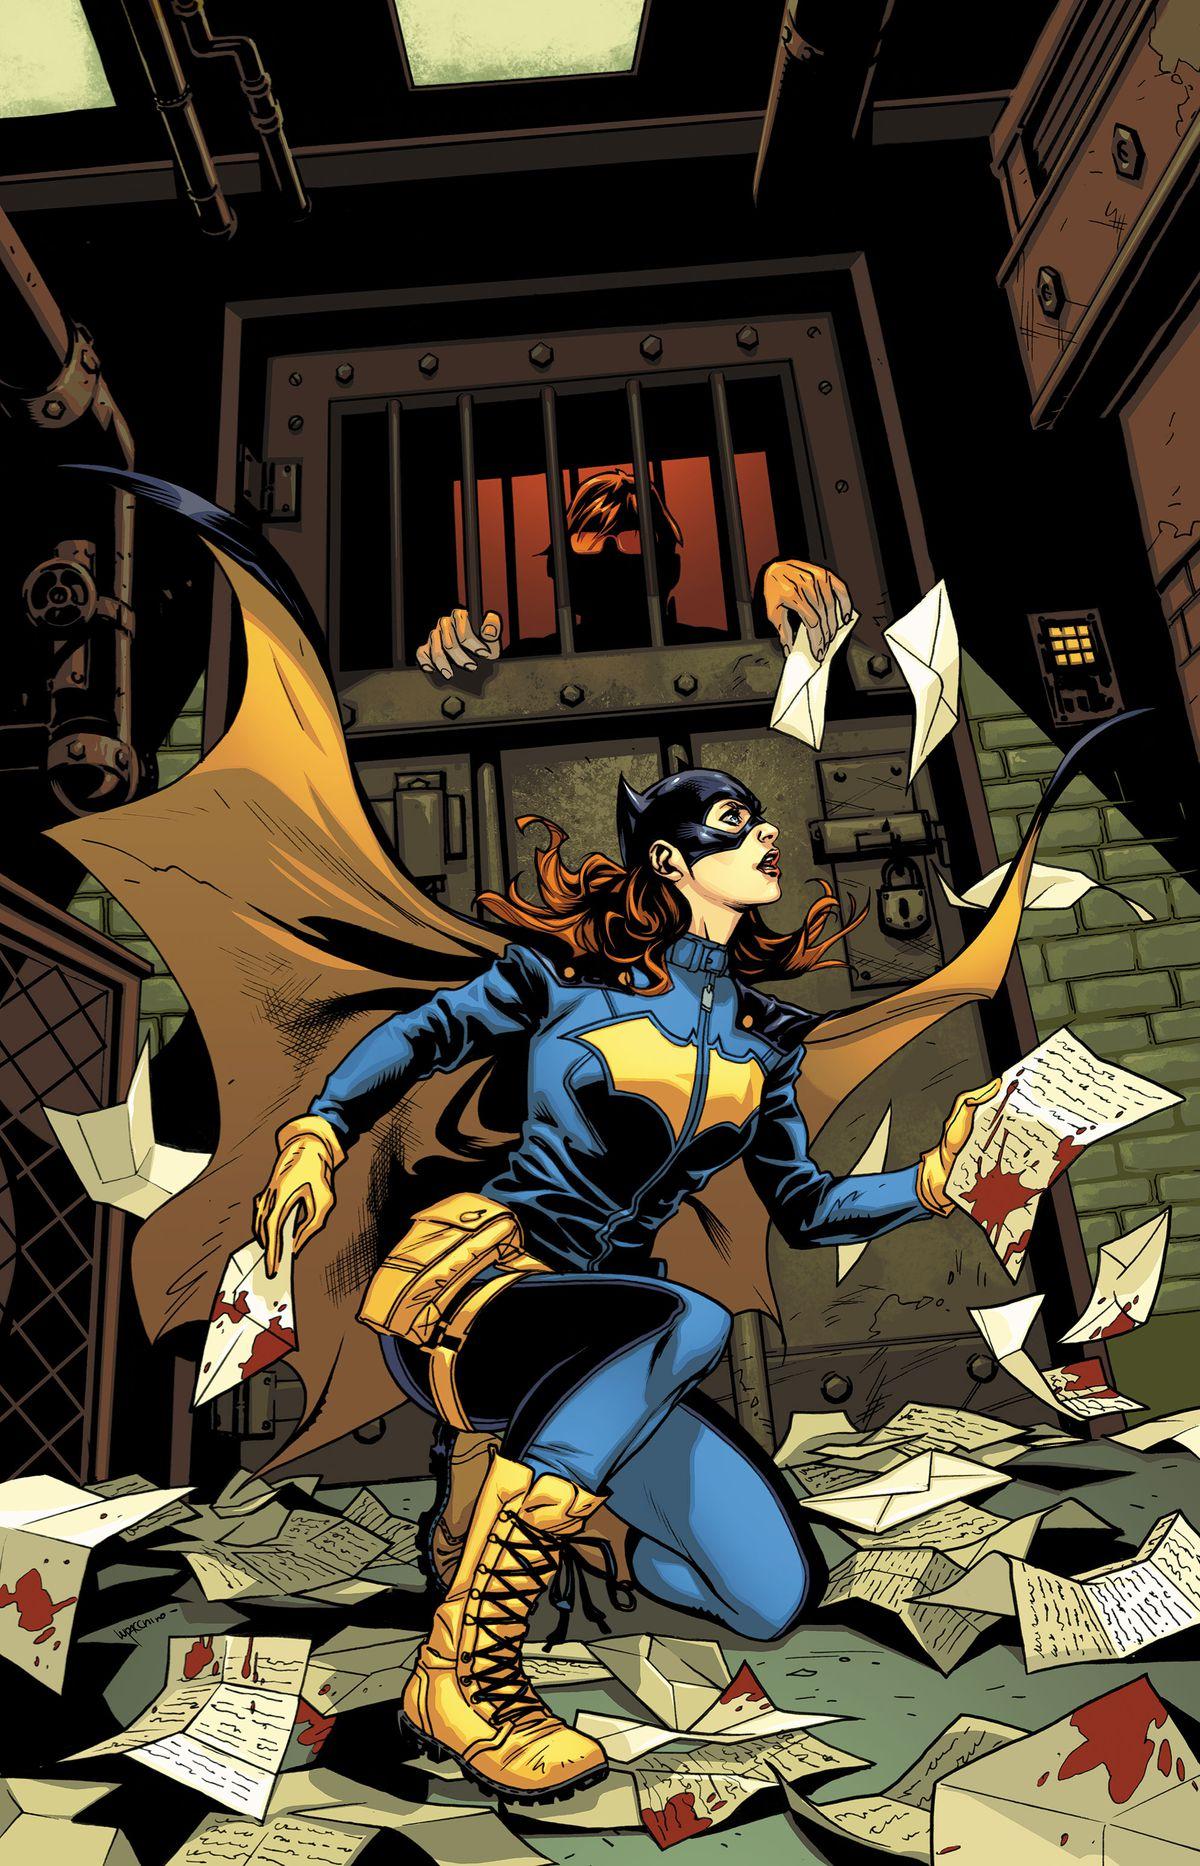 首先看看Batgirl的新服装 - 以及她的新方向